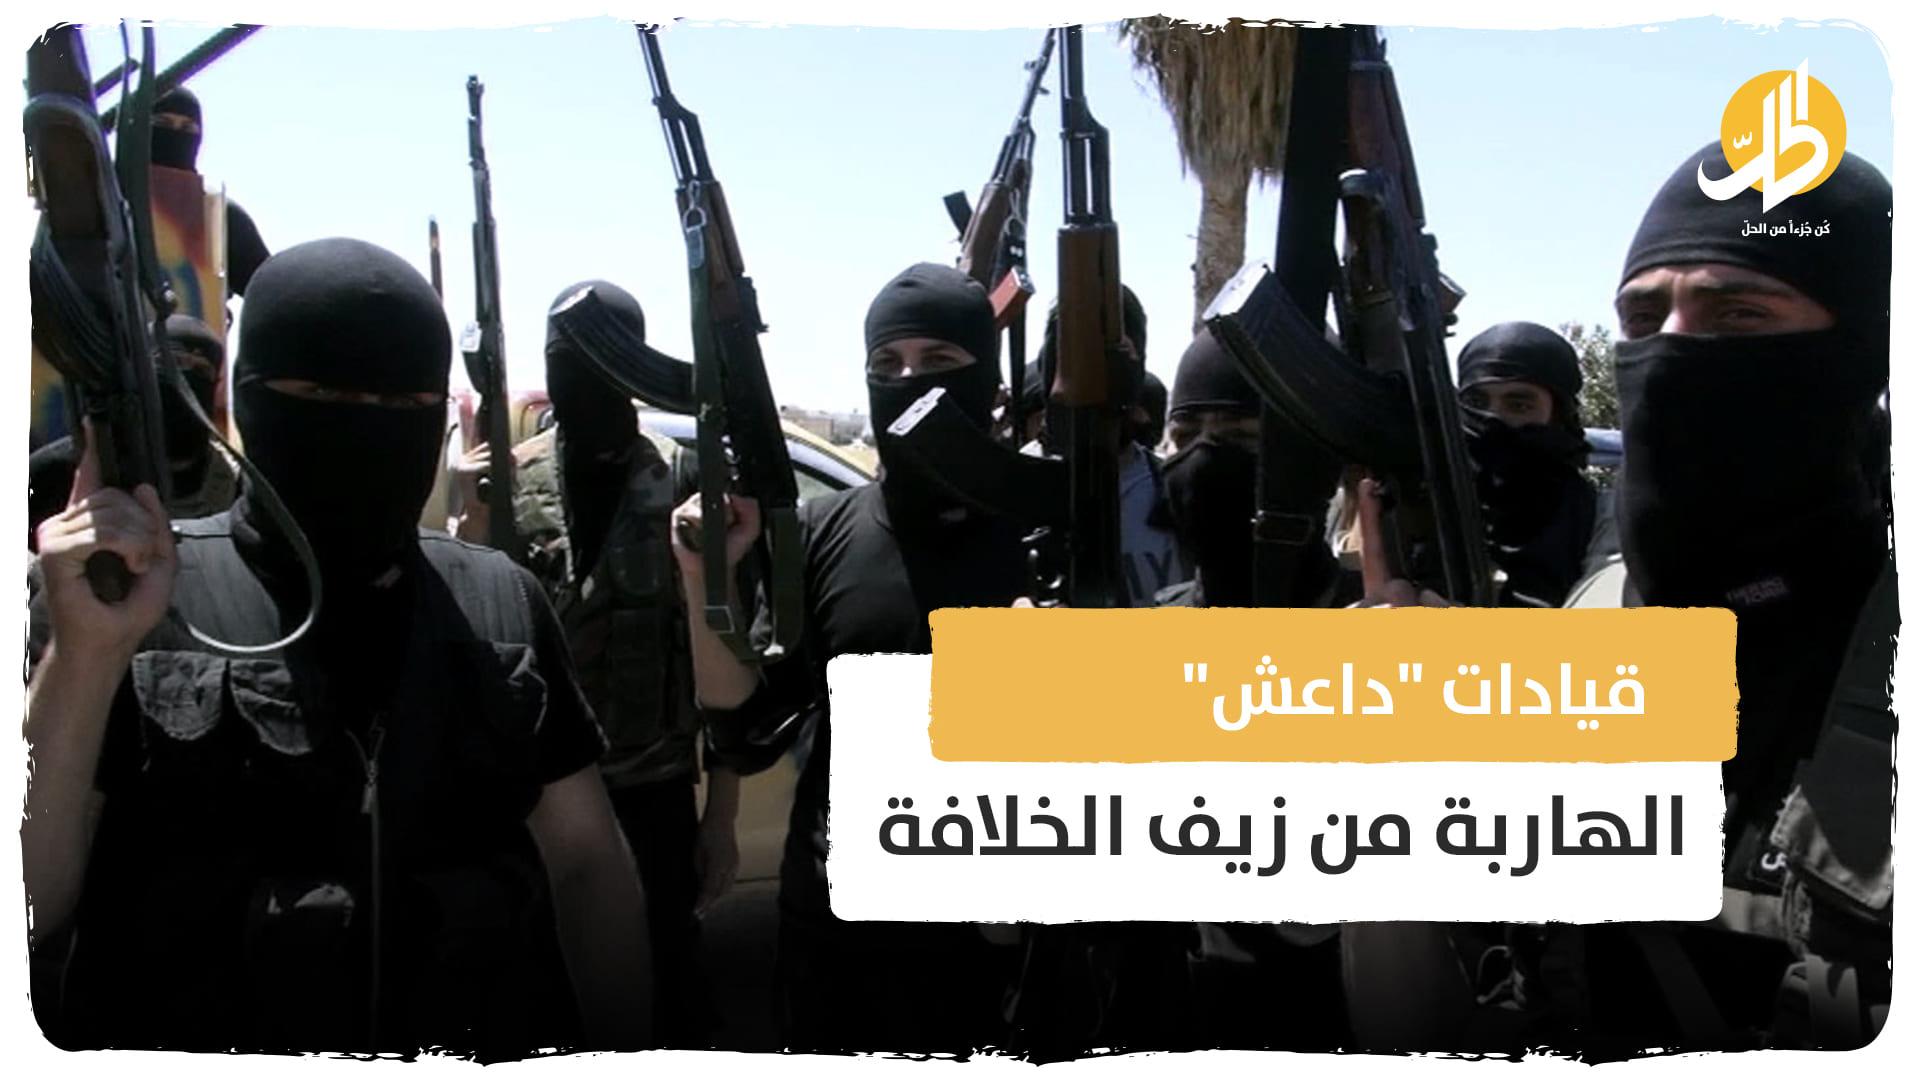 """قيادات """"داعش"""" الهاربة من زيف الخلافة.. هكذا رسم التنظيم خطته لاستغلال أبناء سوريا والعراق"""